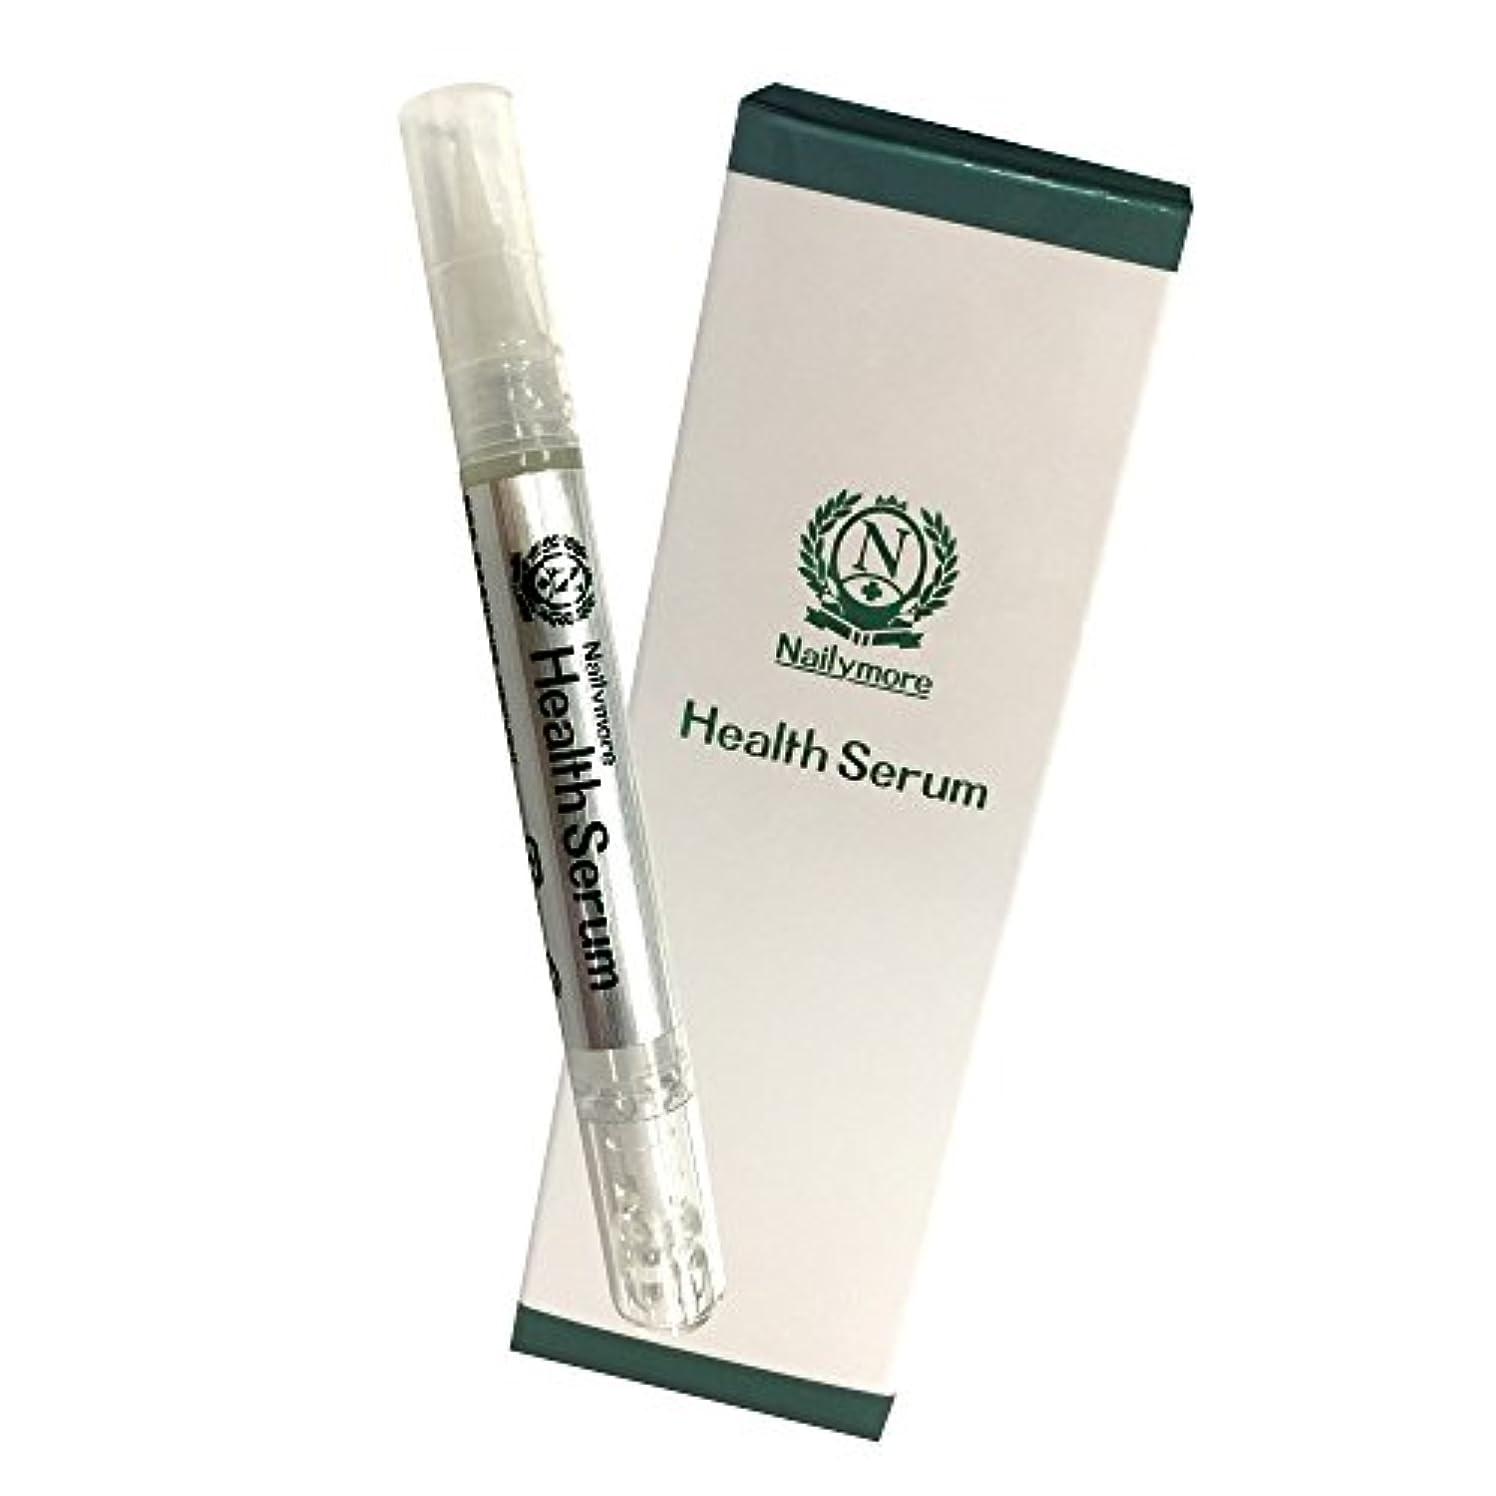 騒々しい刈る急降下ヘルスセラム 爪用美容液 Health Serum